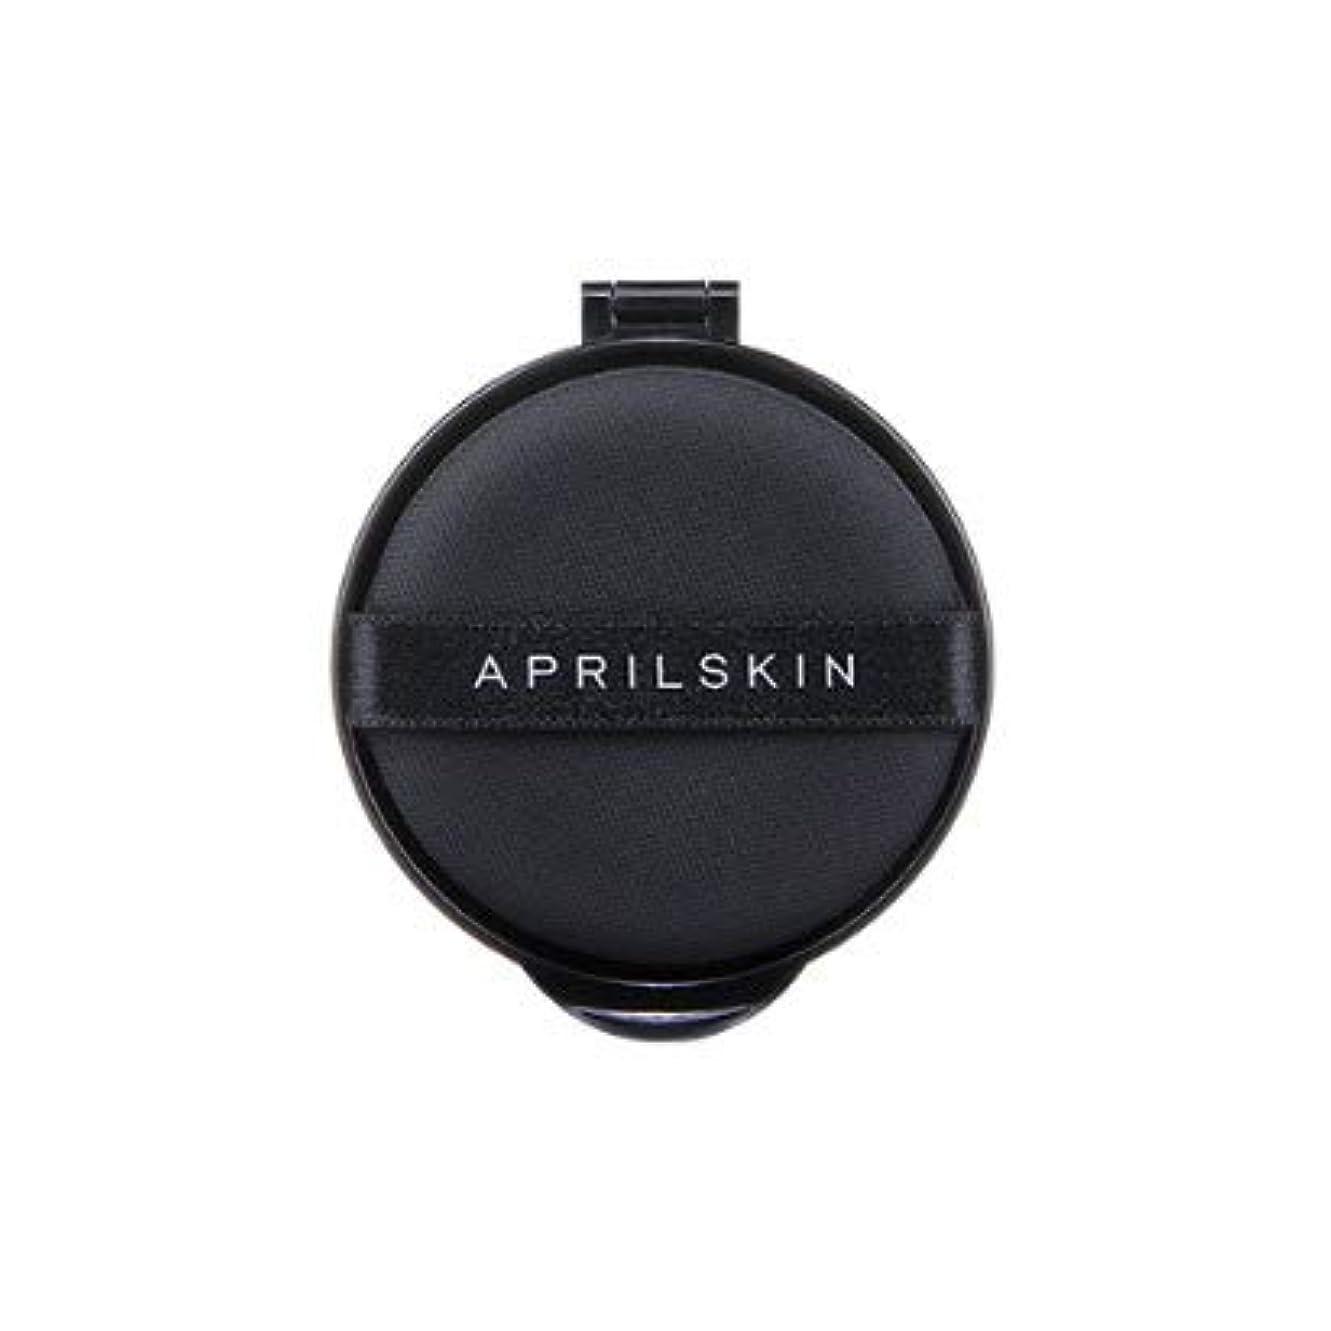 純正不調和ボンドエイプリル スキン(APRIL SKIN) パーフェクトマジックカバーフィットクッション (リフィル) 13g / APRILSKIN PERFECT MAGIC COVER FIT CUSHION (REFILL) 13g...